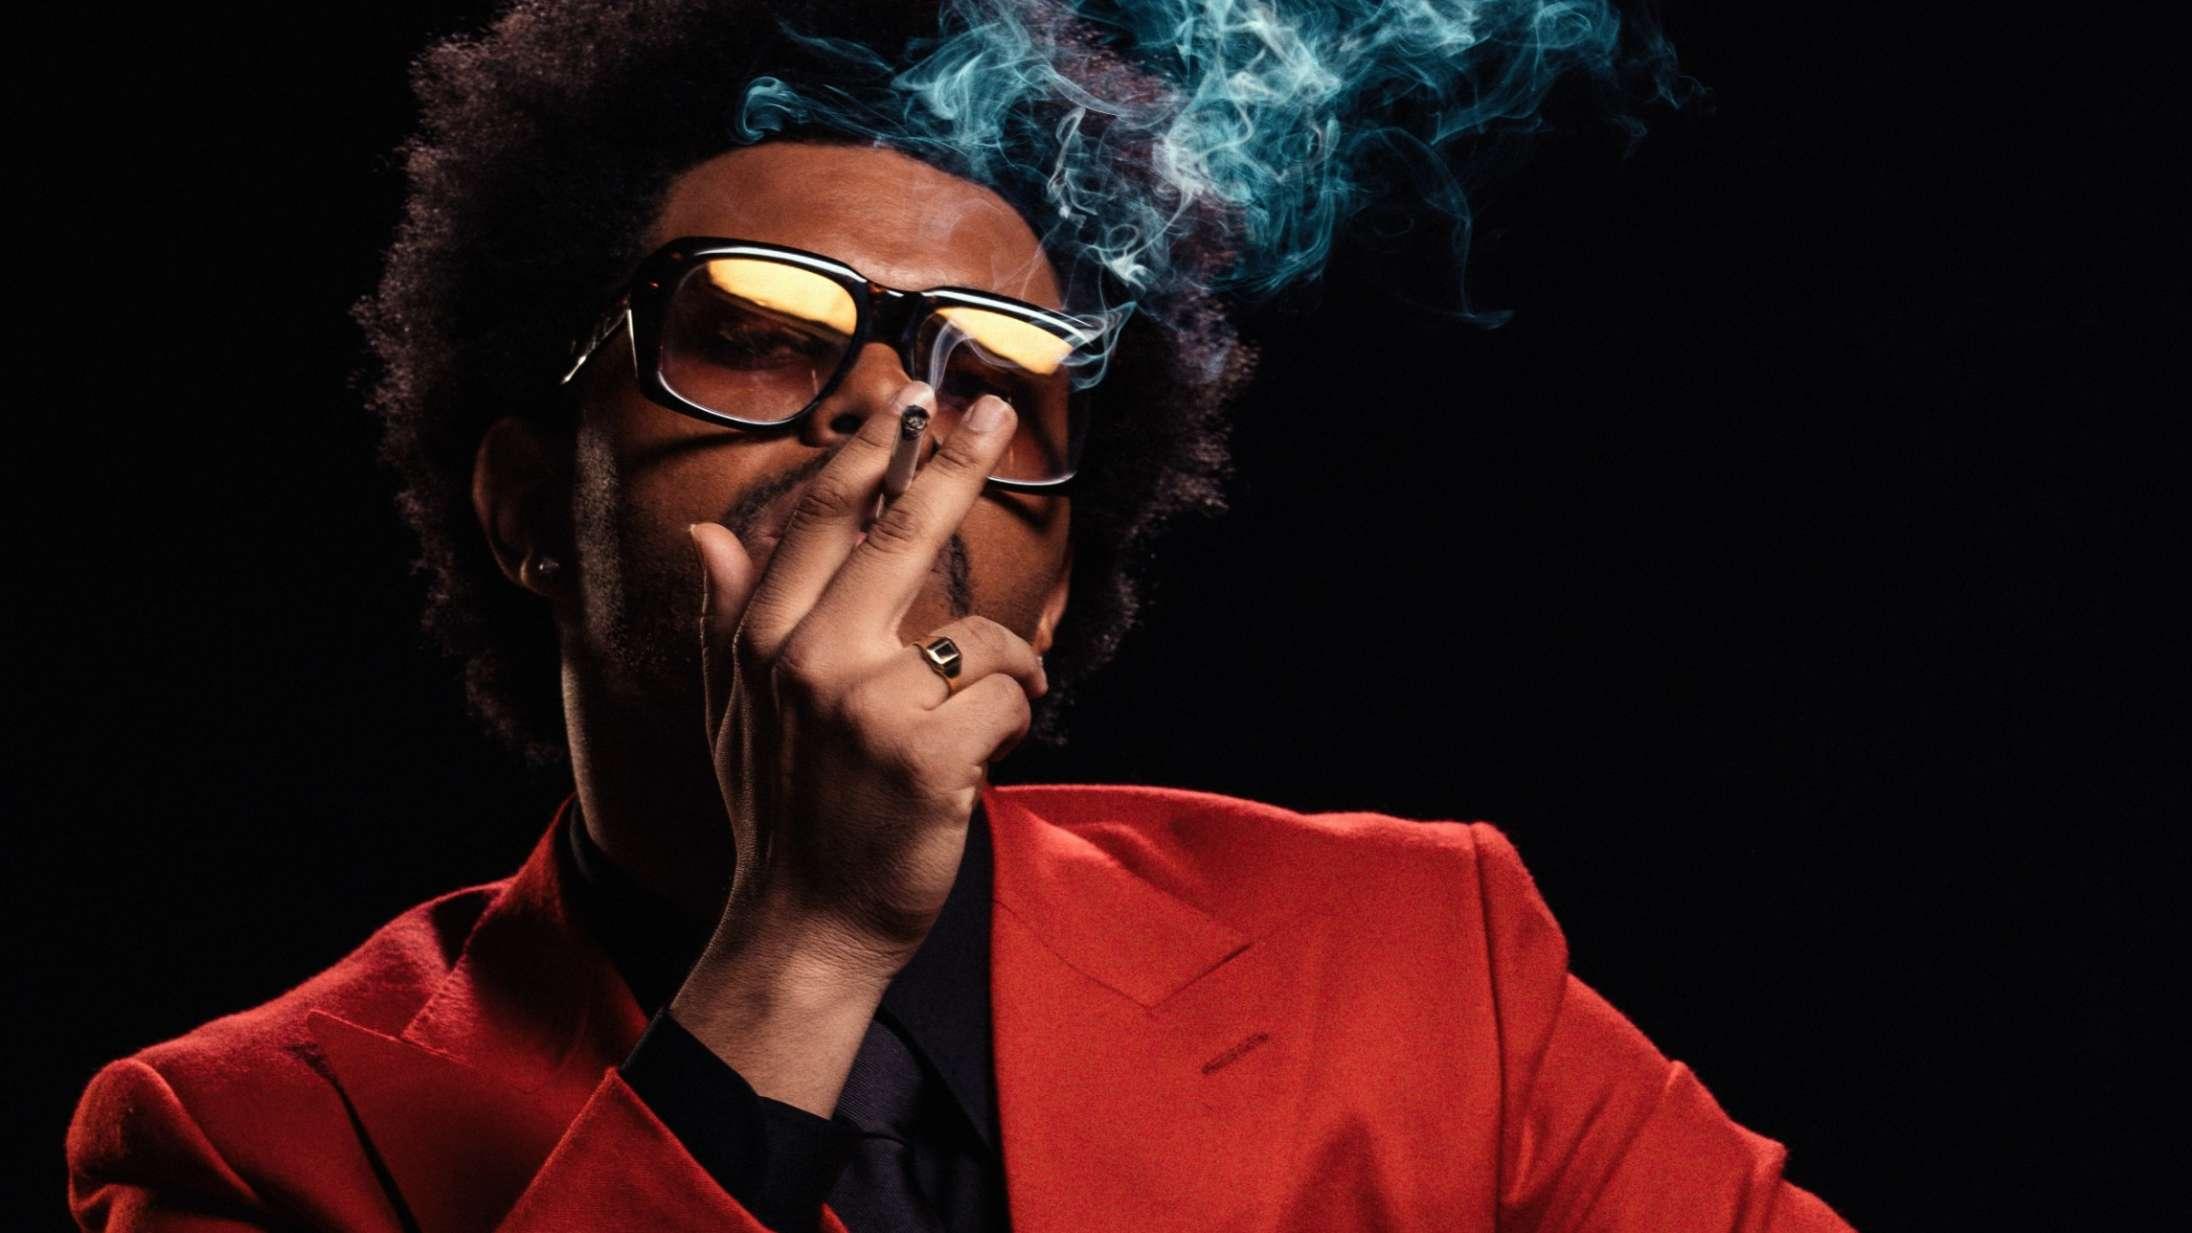 The Weeknd har fået nyt look, men lyder musikken ikke pænt meget som før?